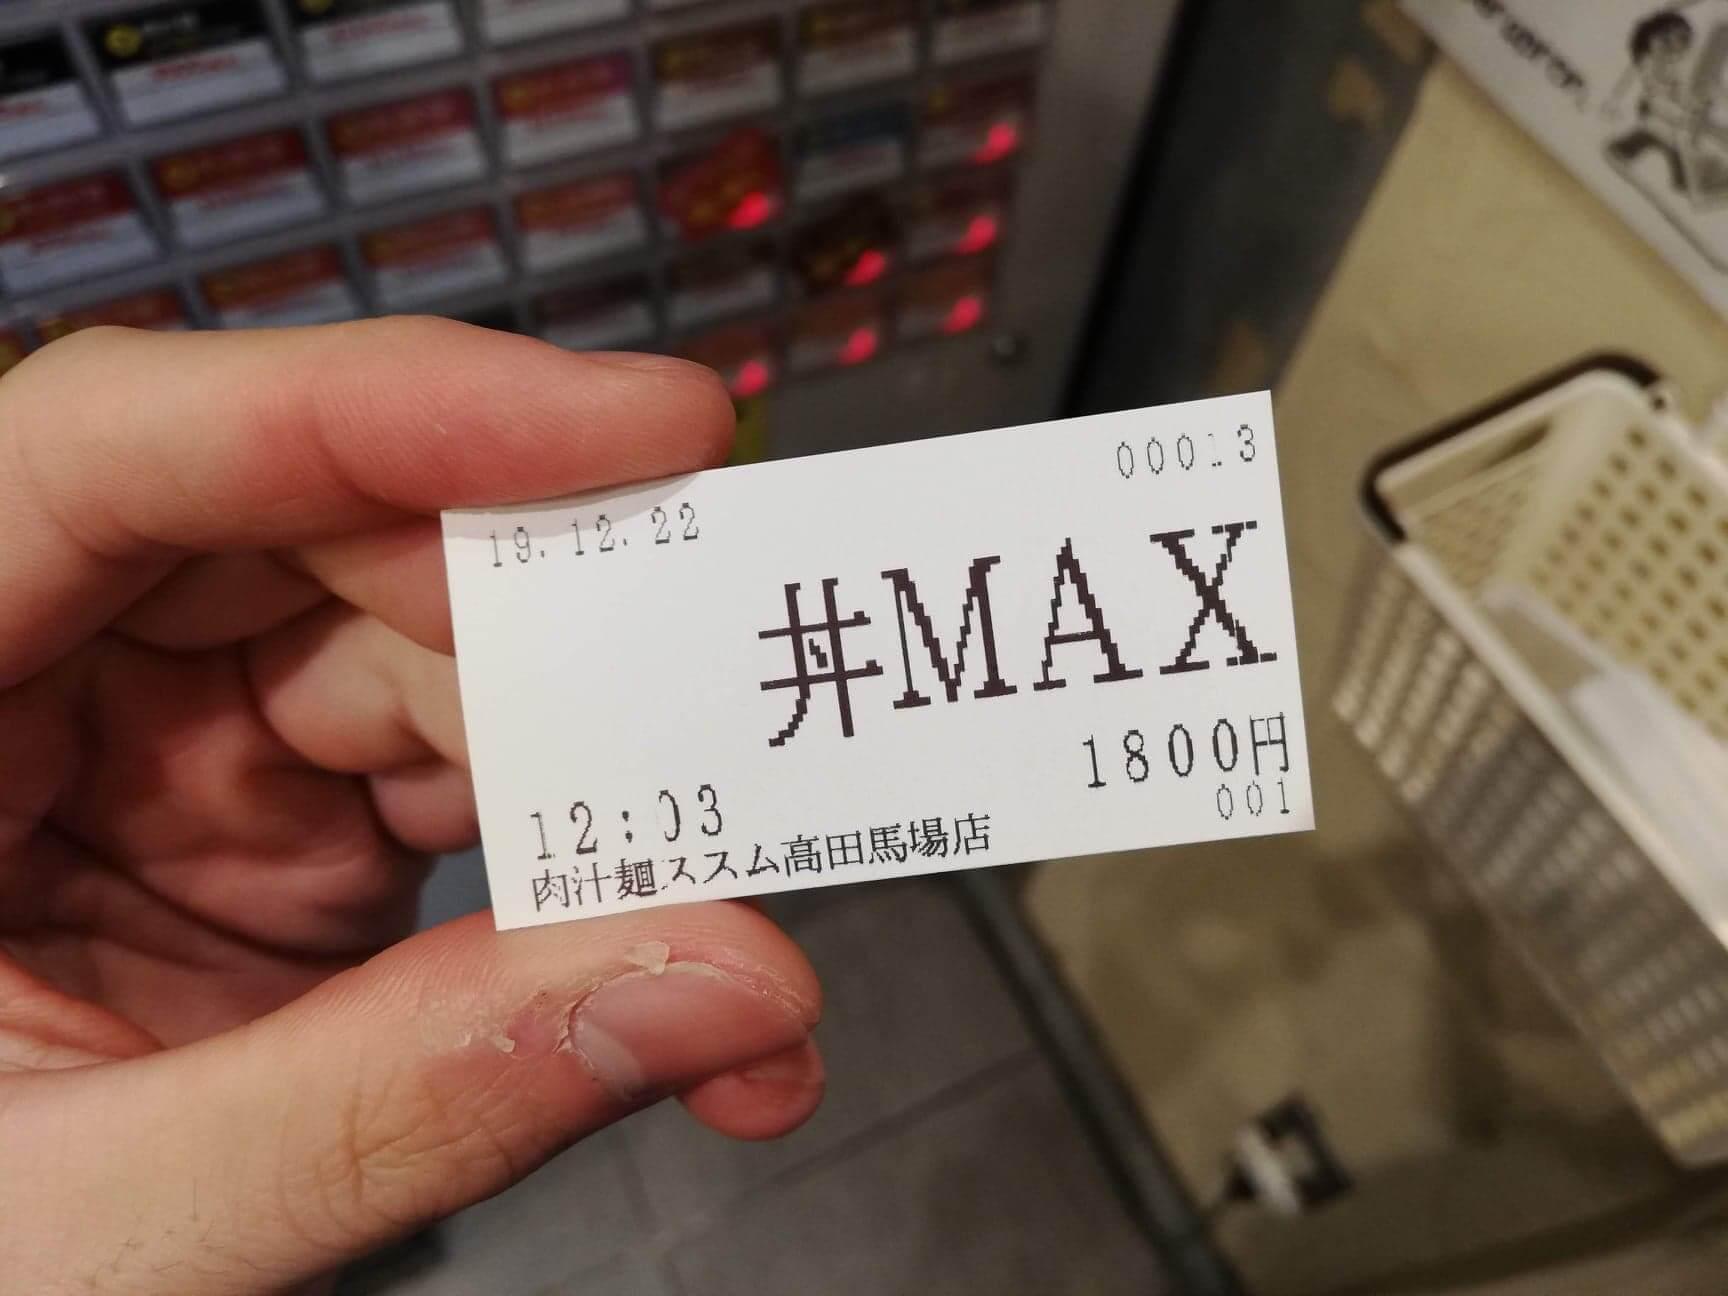 高田馬場『肉汁麺ススム』の食券の写真